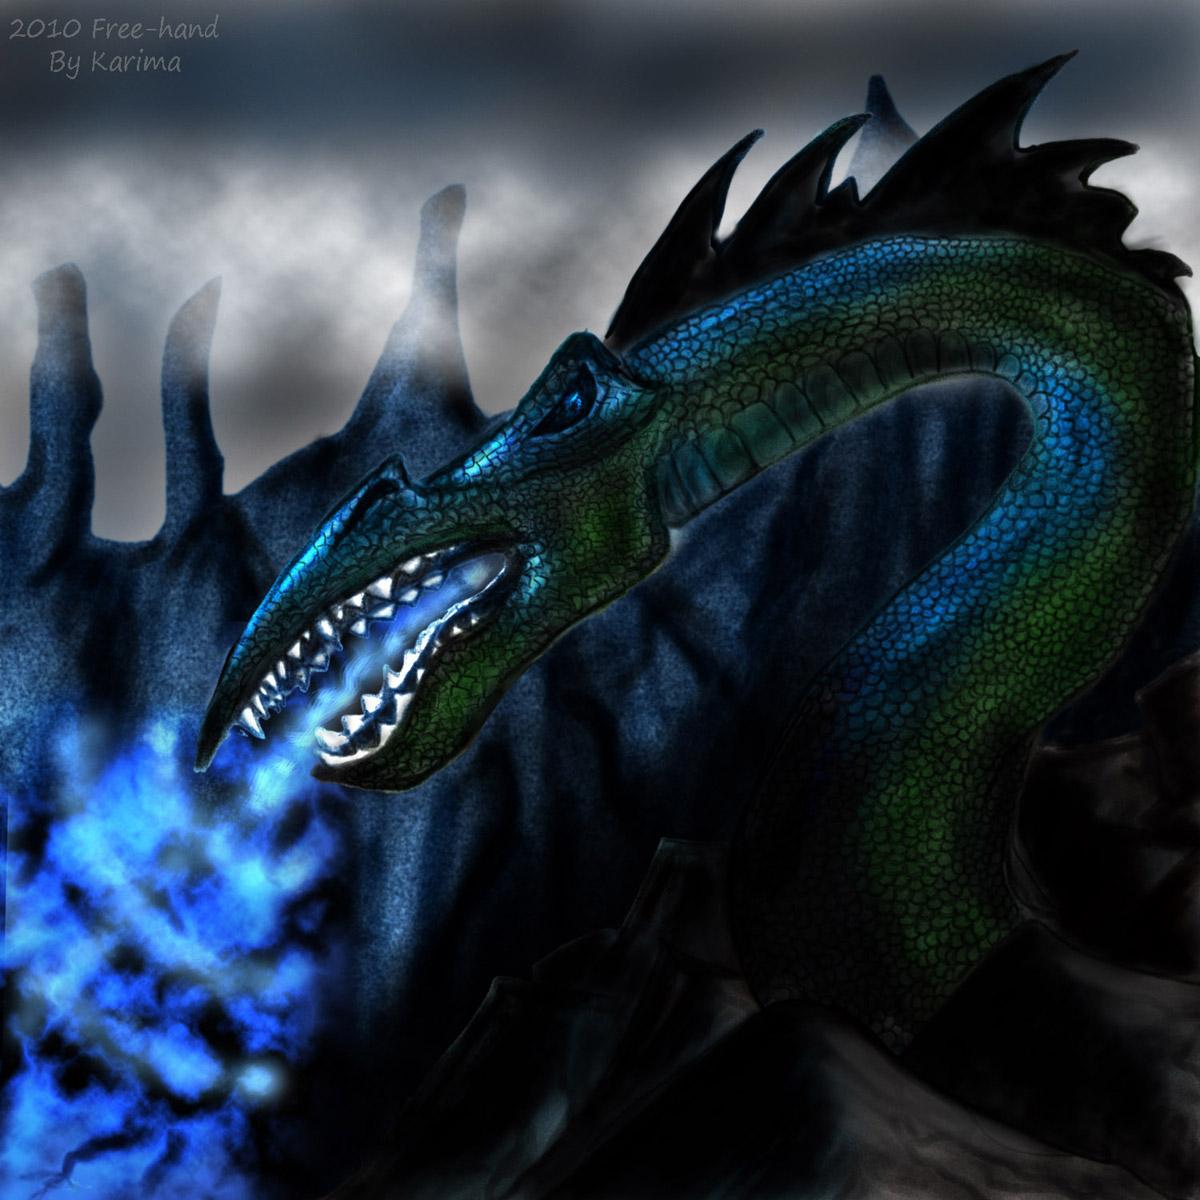 A Dragon by Karima